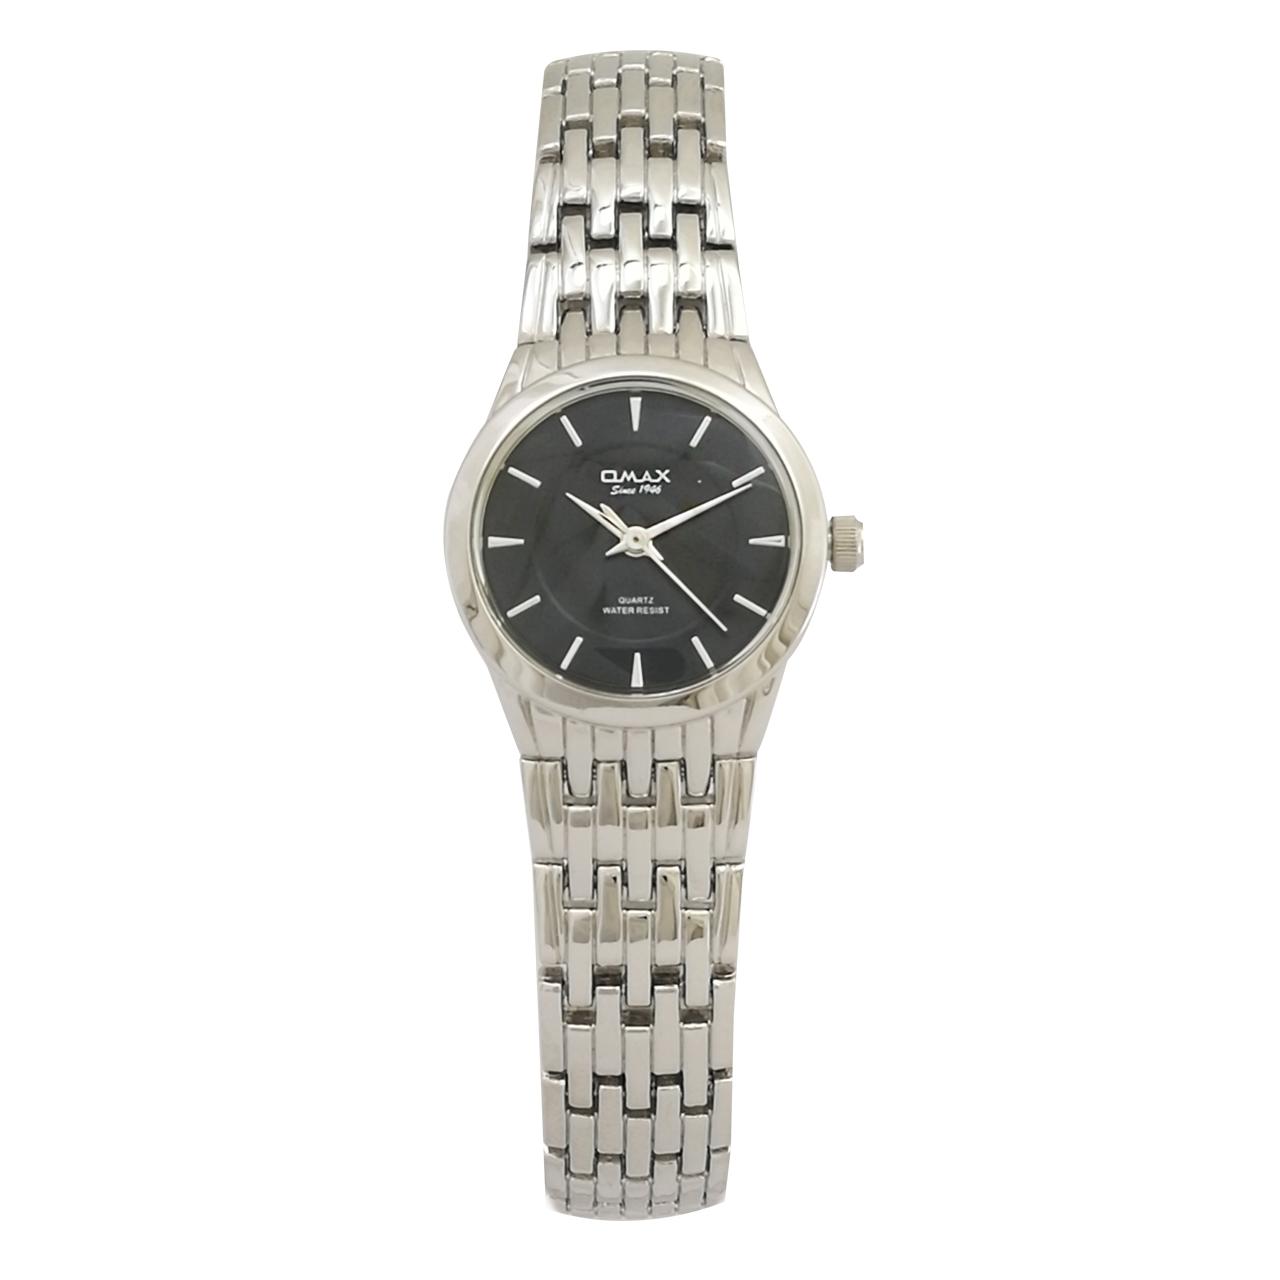 ساعت مچی عقربه ای  زنانه اوماکس مدل hbc184 bj867 به همراه دستمال مخصوص برند کلین واچ 34